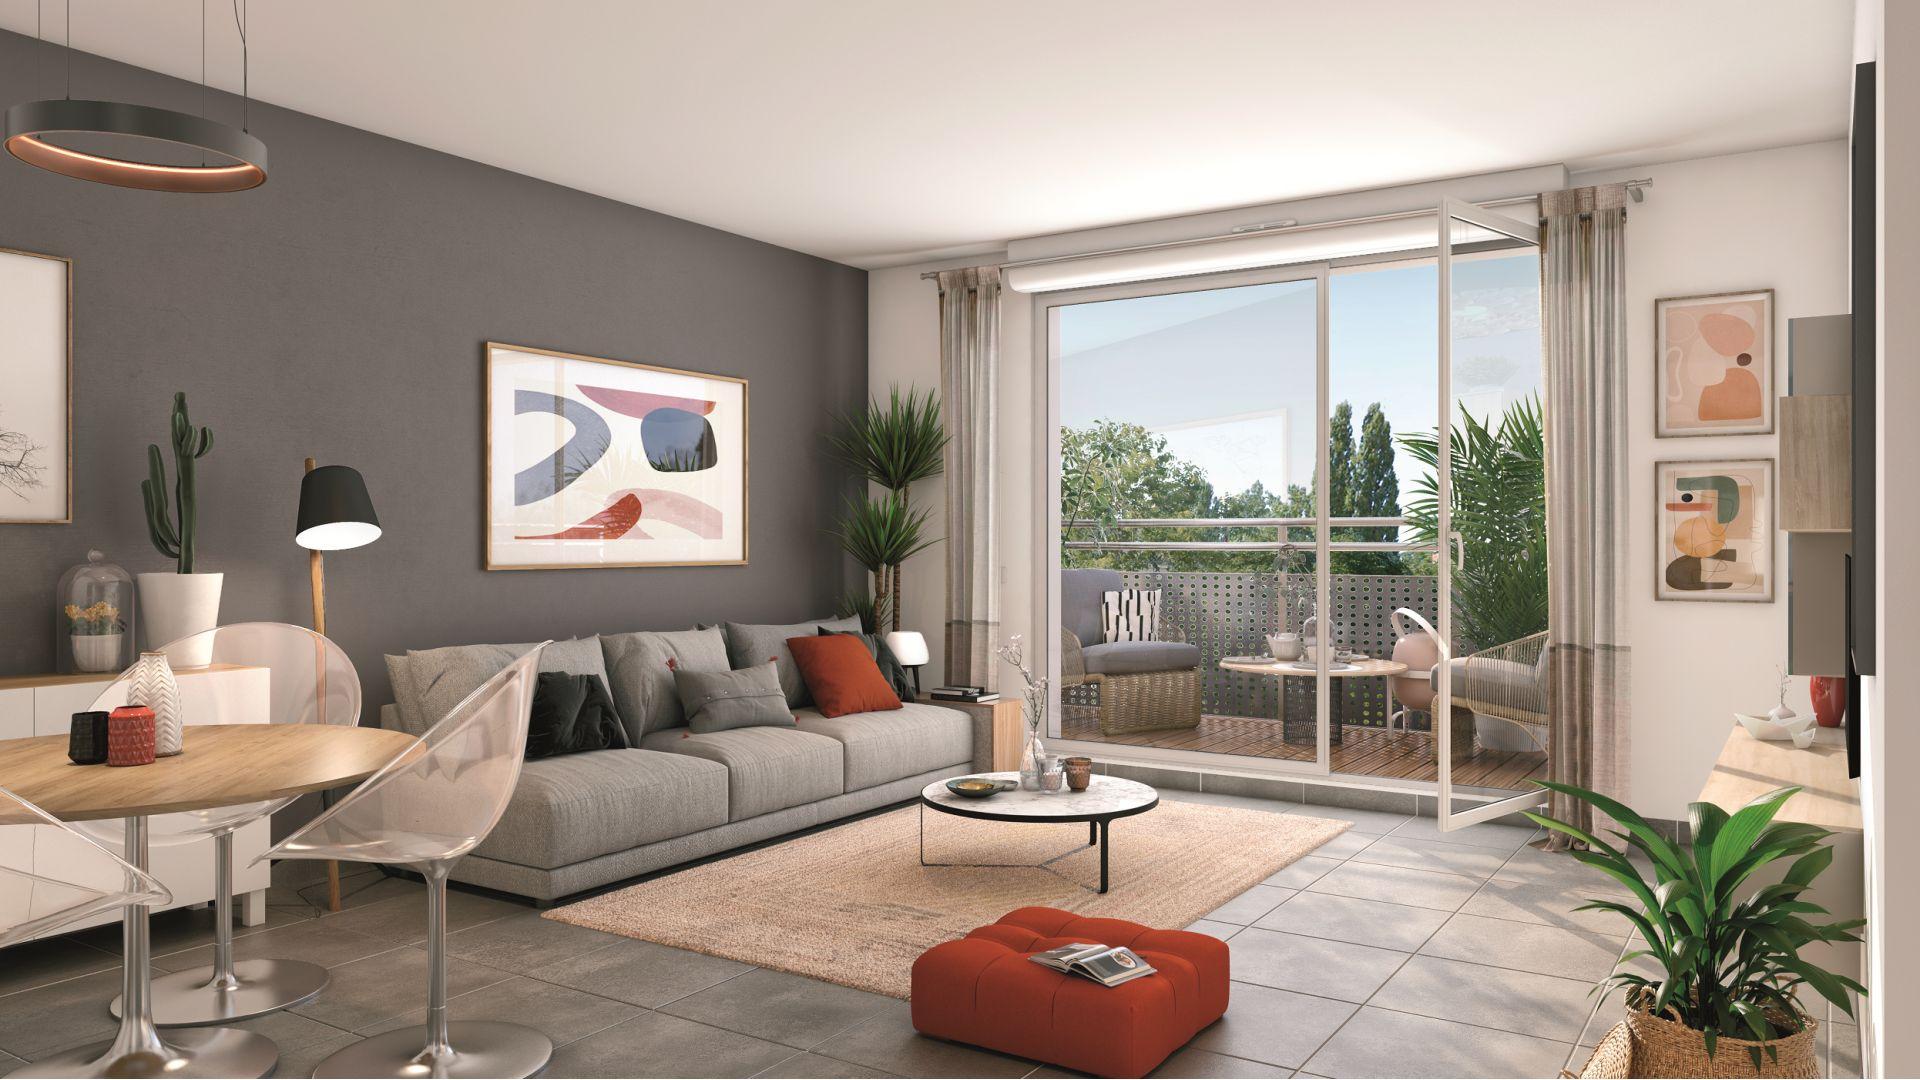 Greencity Immobilier - Le Sisley - achat appartements du T2 au T4 - Pontault-Combault 77340 - vue intérieure